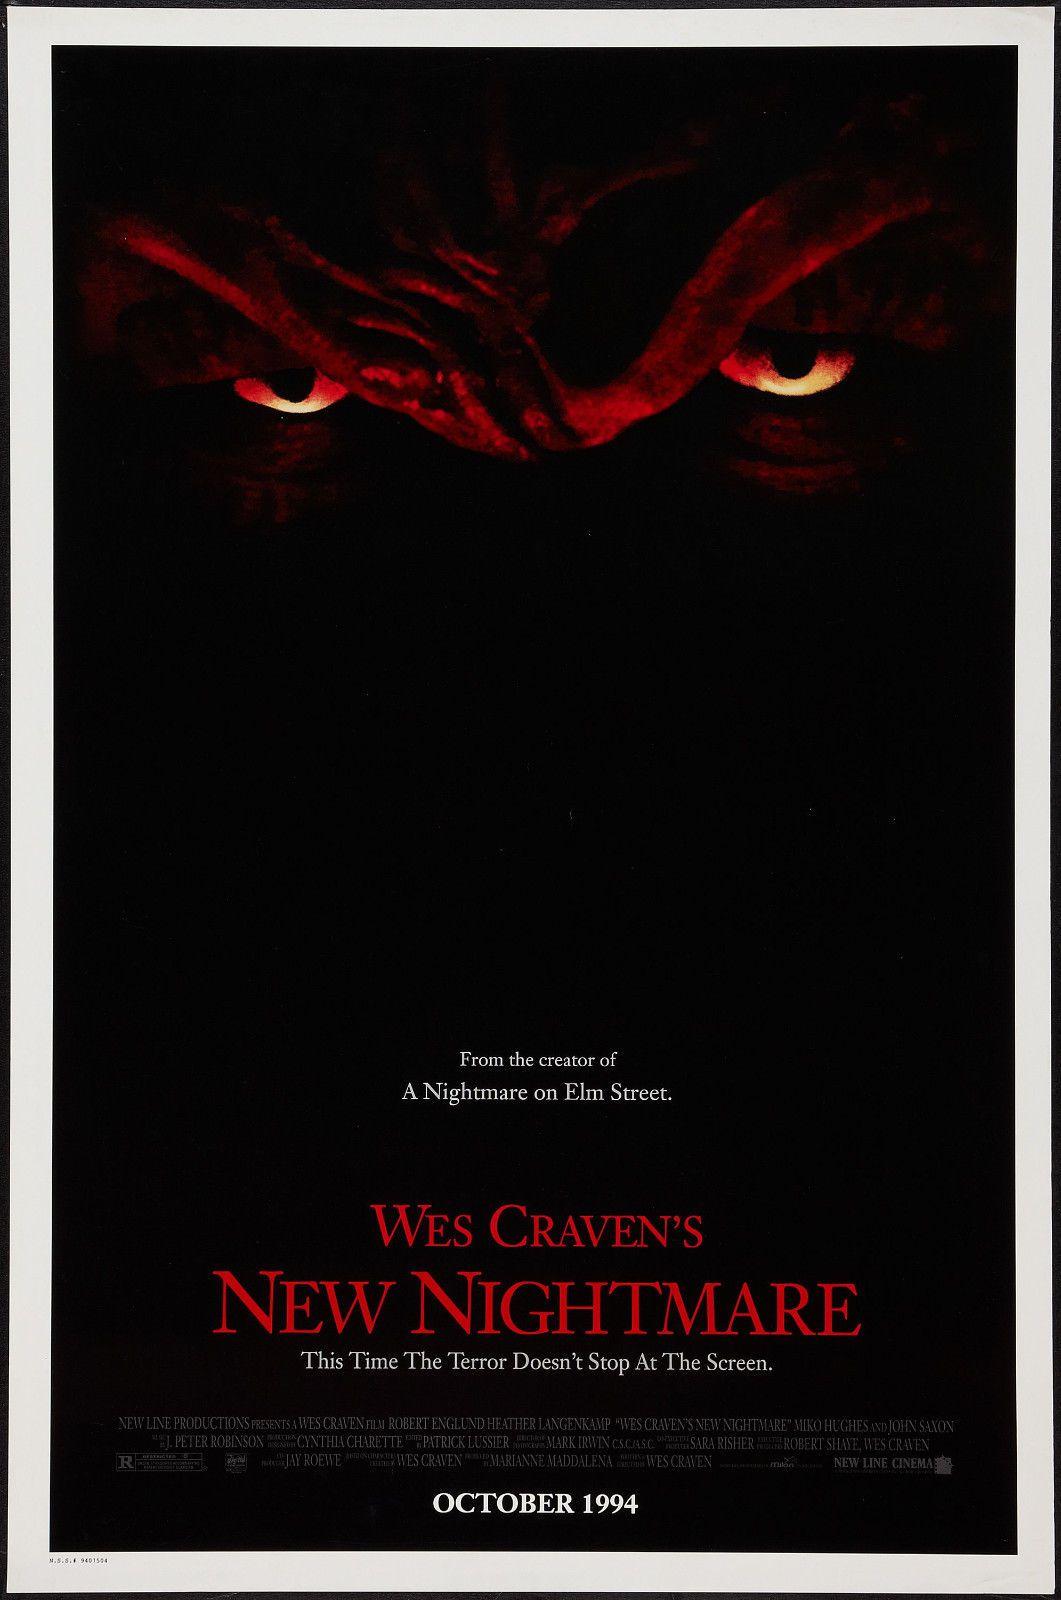 Korku: Wes Craven Sanat İpek Baskı Poster Tarafından Yeni Bir Kabus Film 24x36 inç (60x90 cm) 015